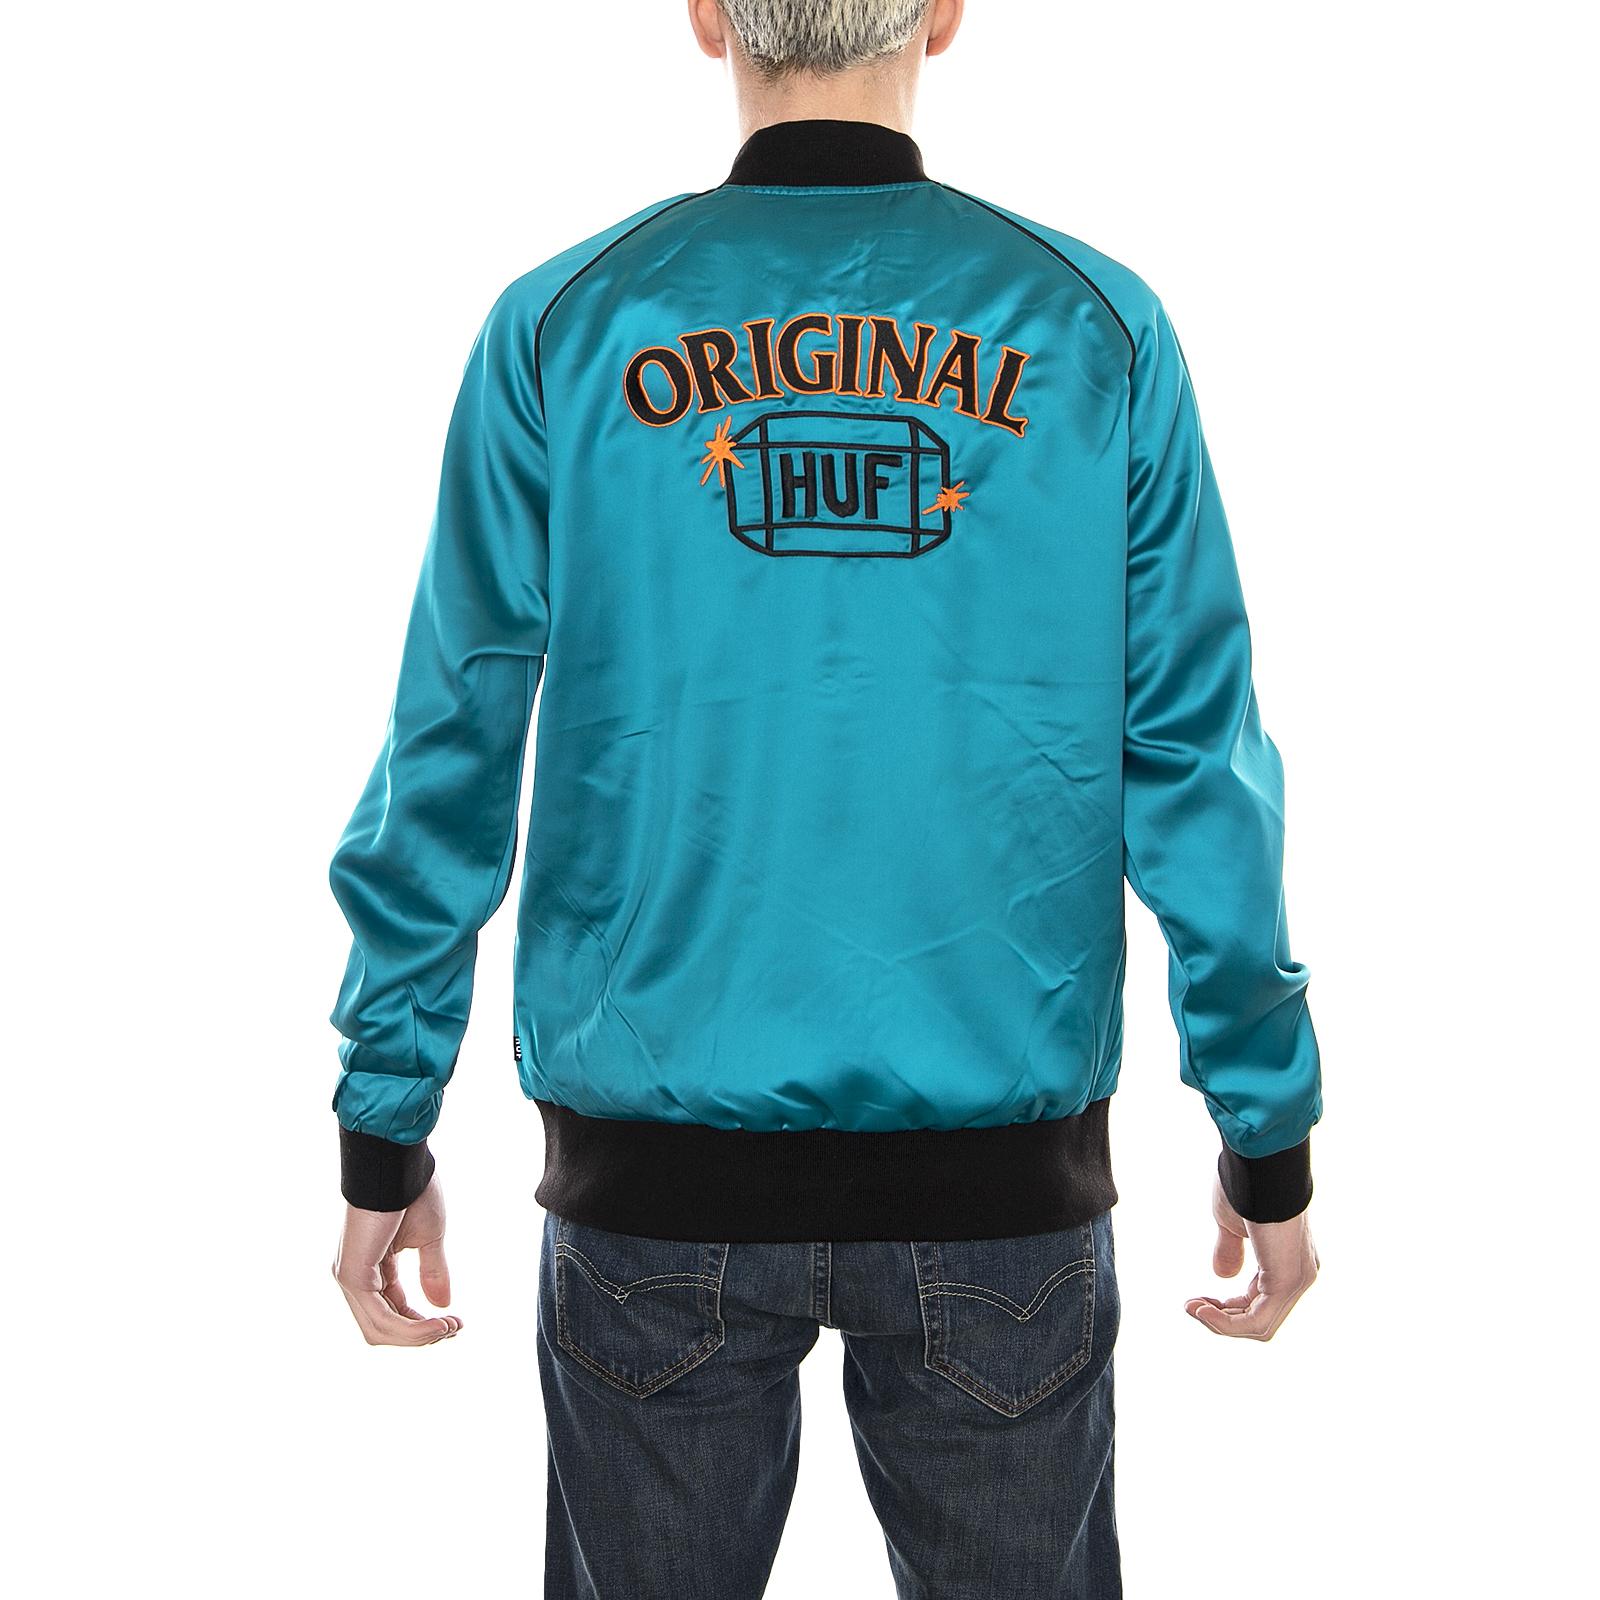 Cabbie Aqua Jacket Huf Azzurro Satin Giacche 58q8xOH